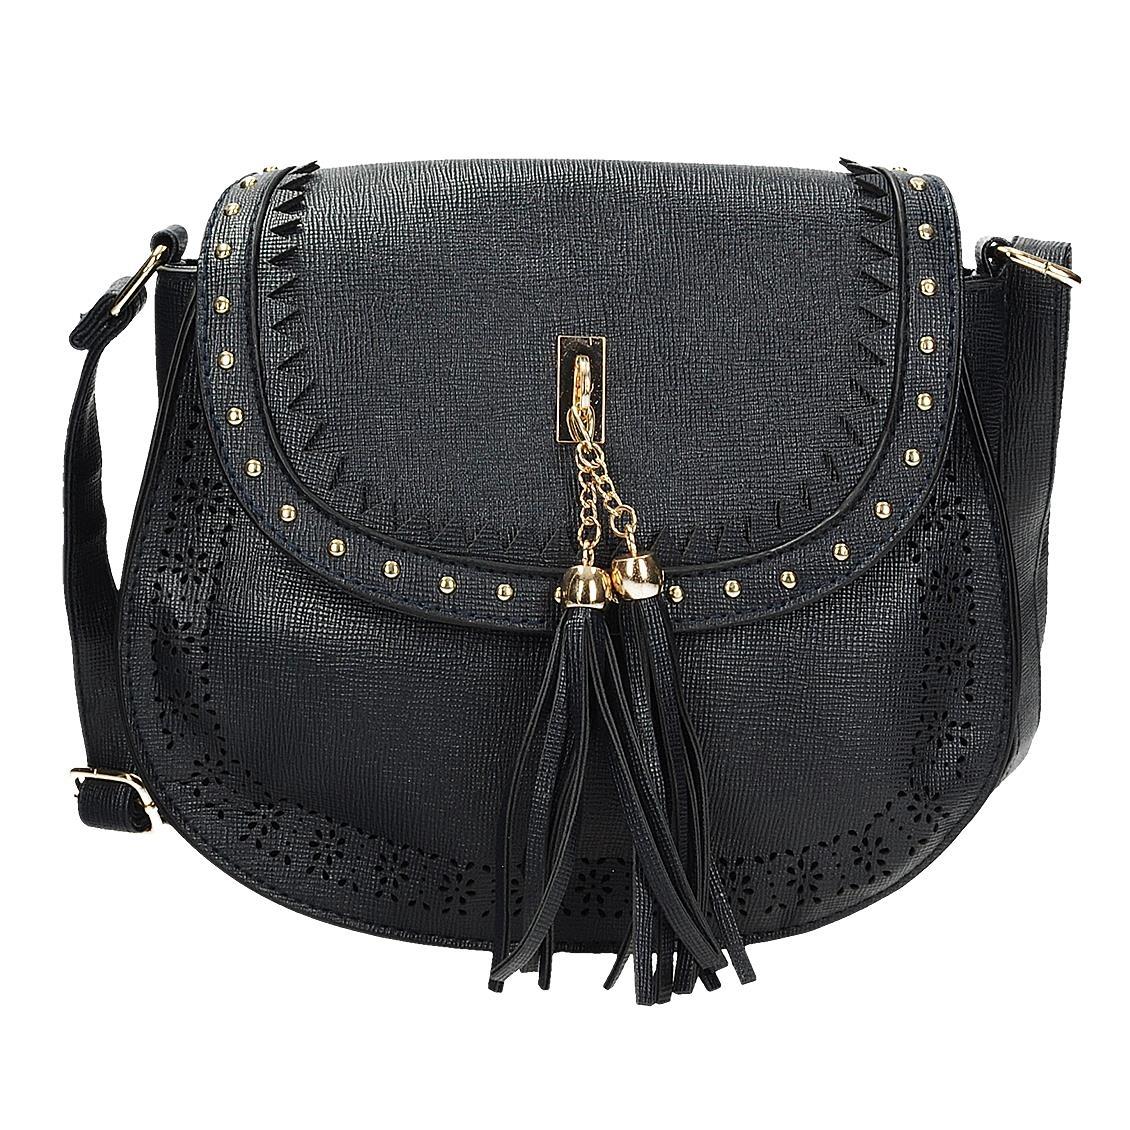 Modrá crossbody kabelka s třásněmi